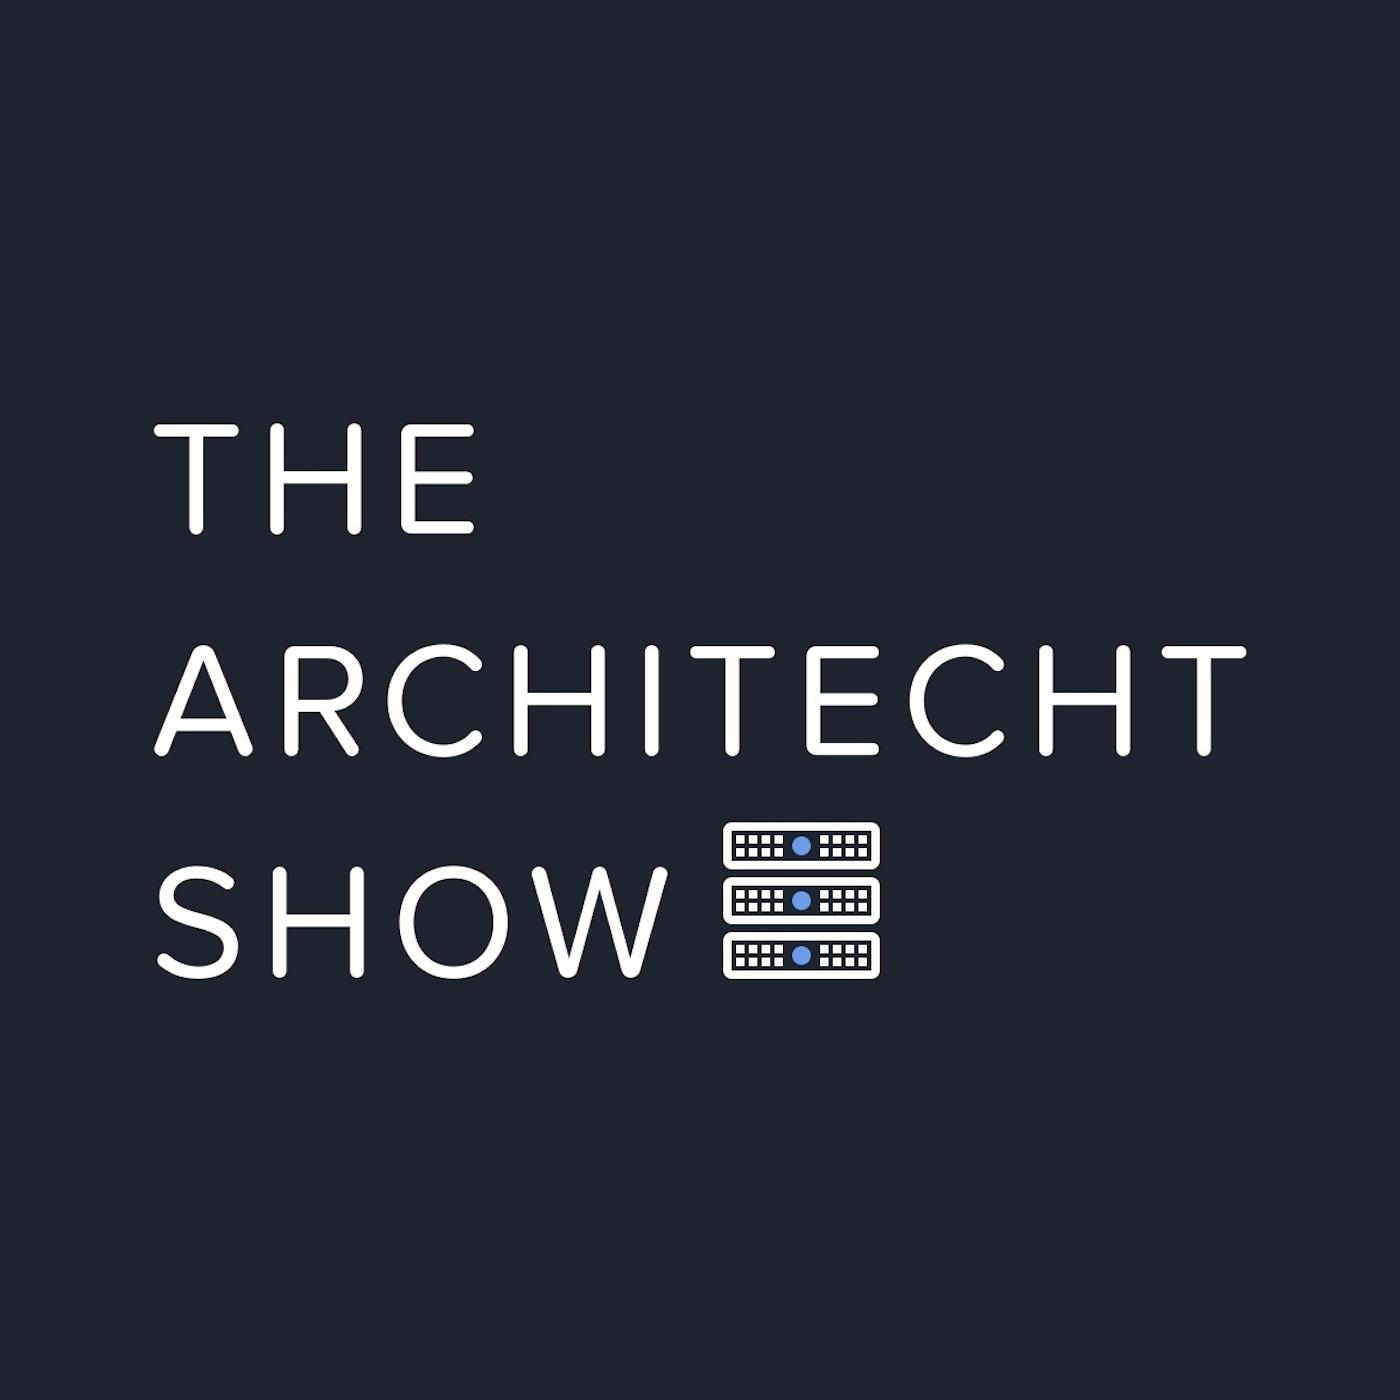 THE ARCHITECHT SHOW show art